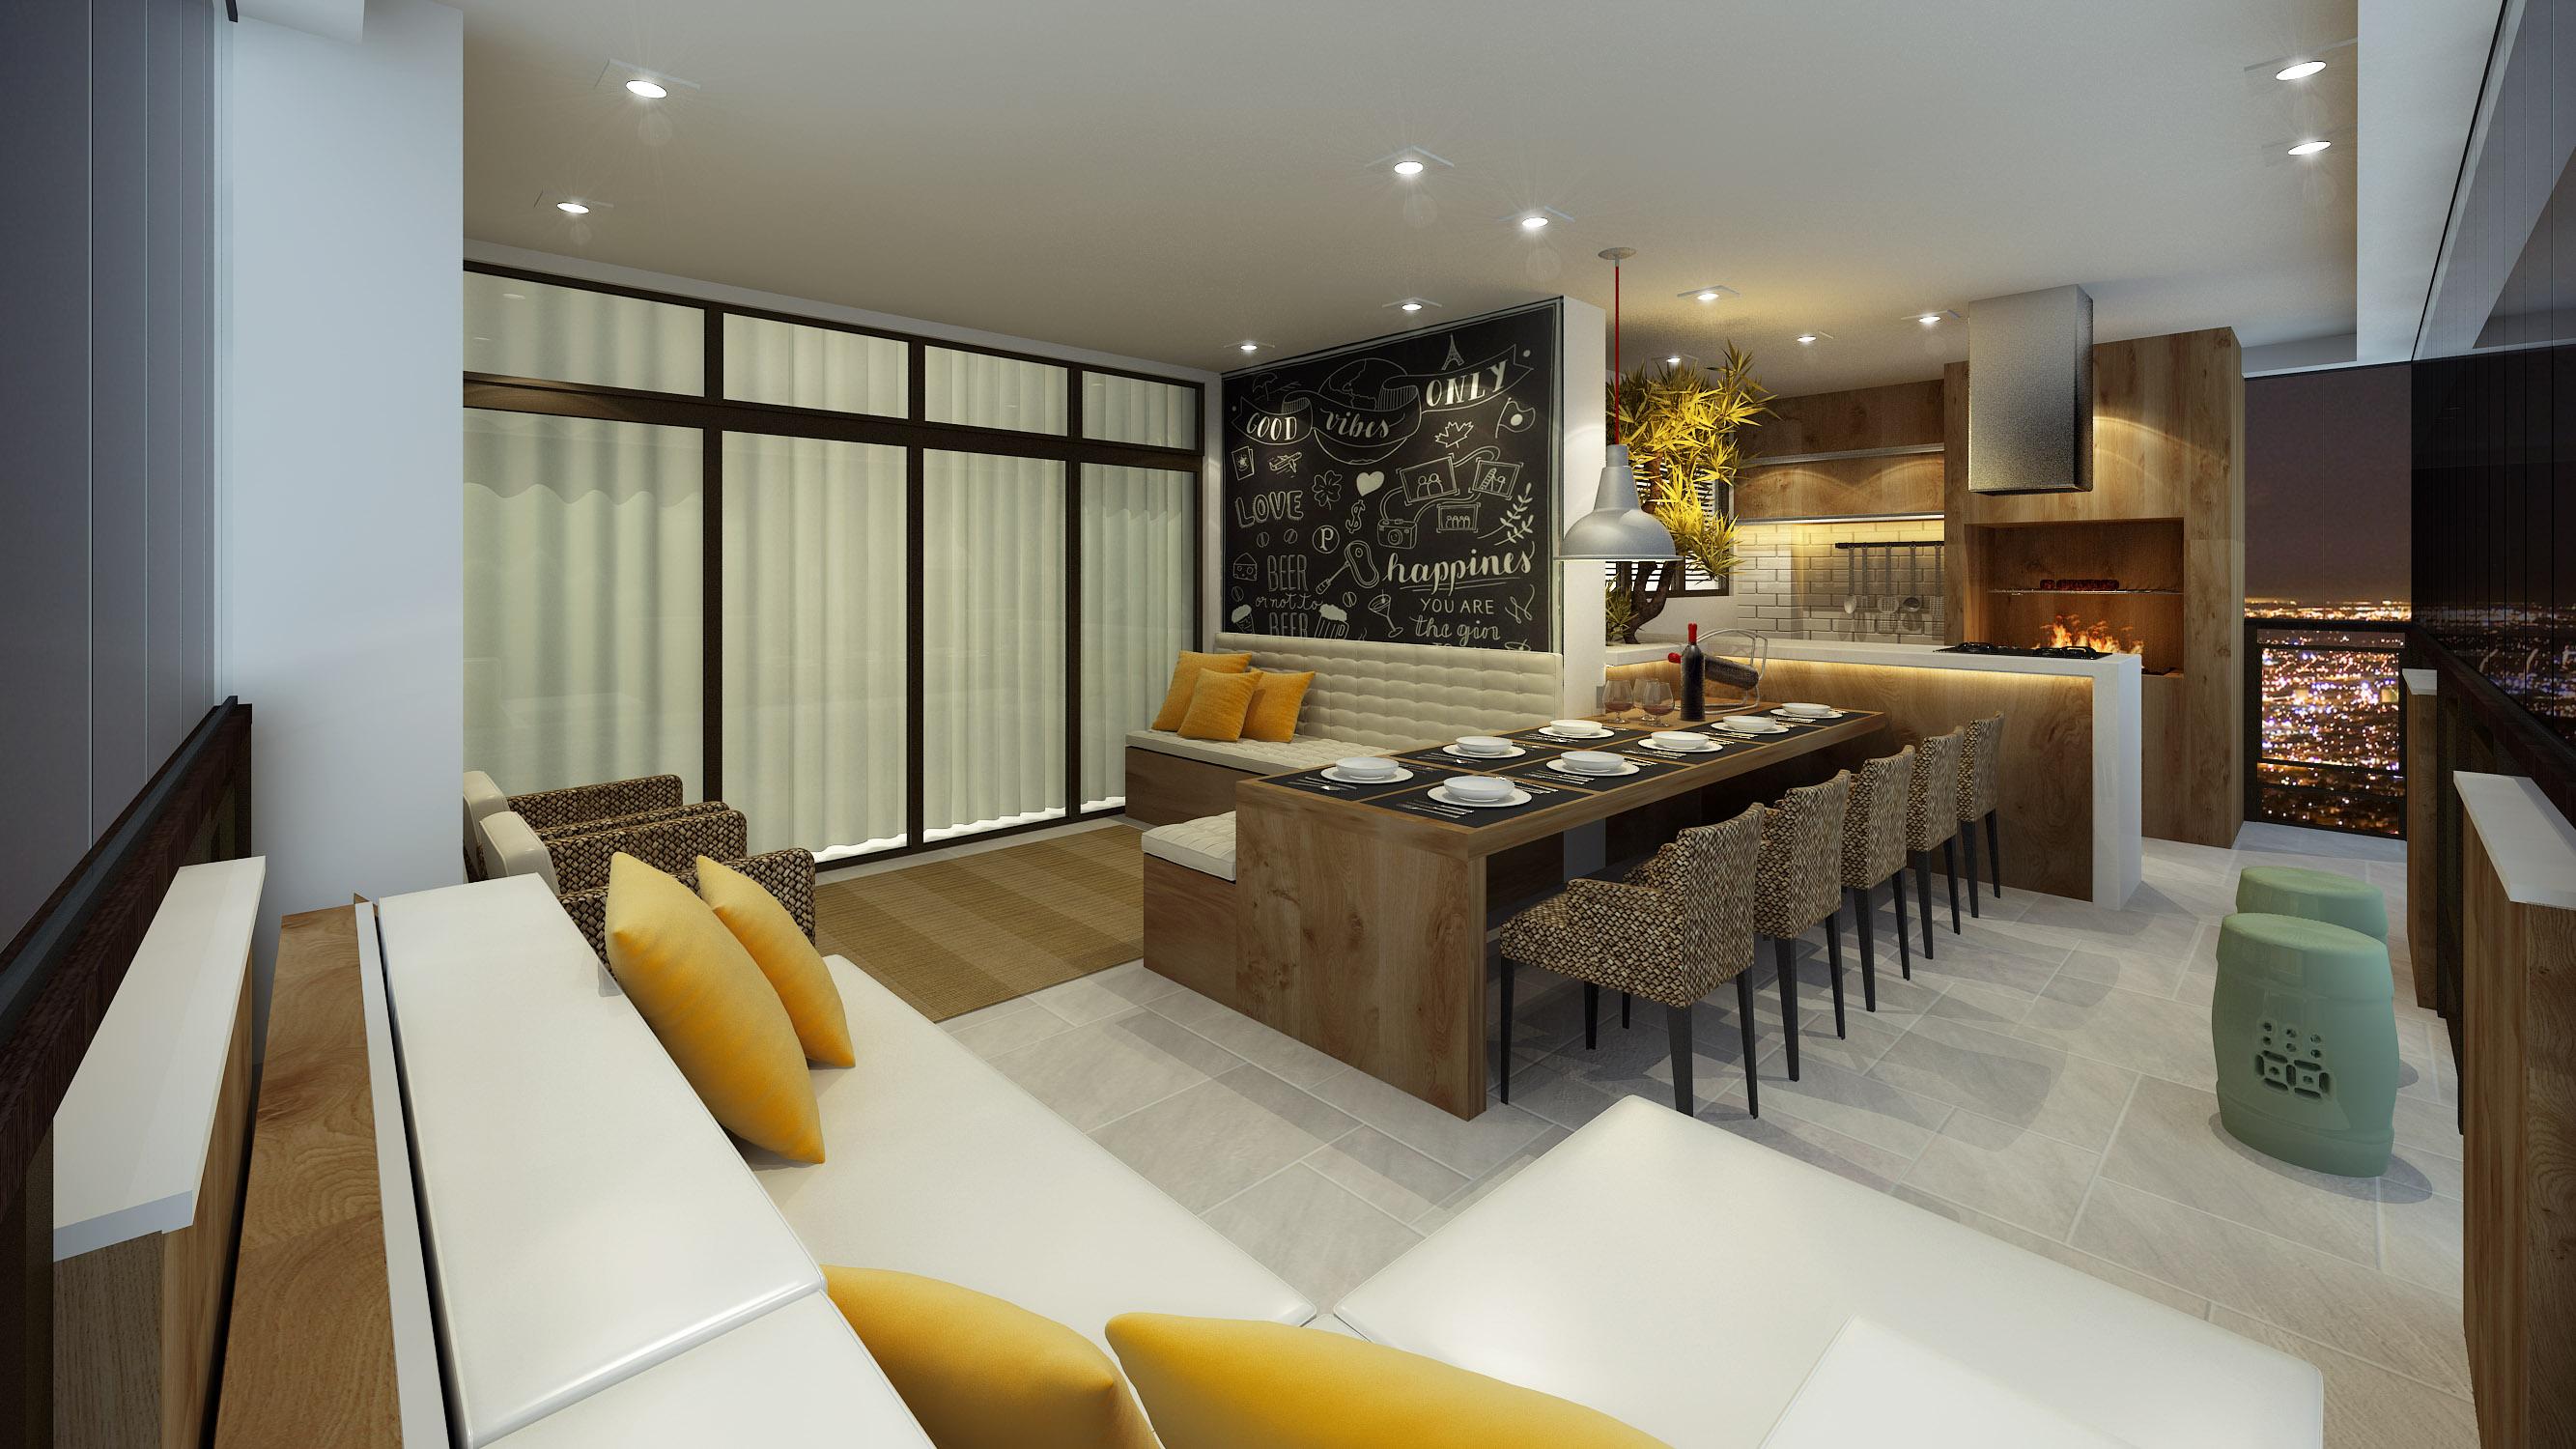 varanda-gourmet-residencia-lanza-mazzark-arquitetos-conceito-aberto